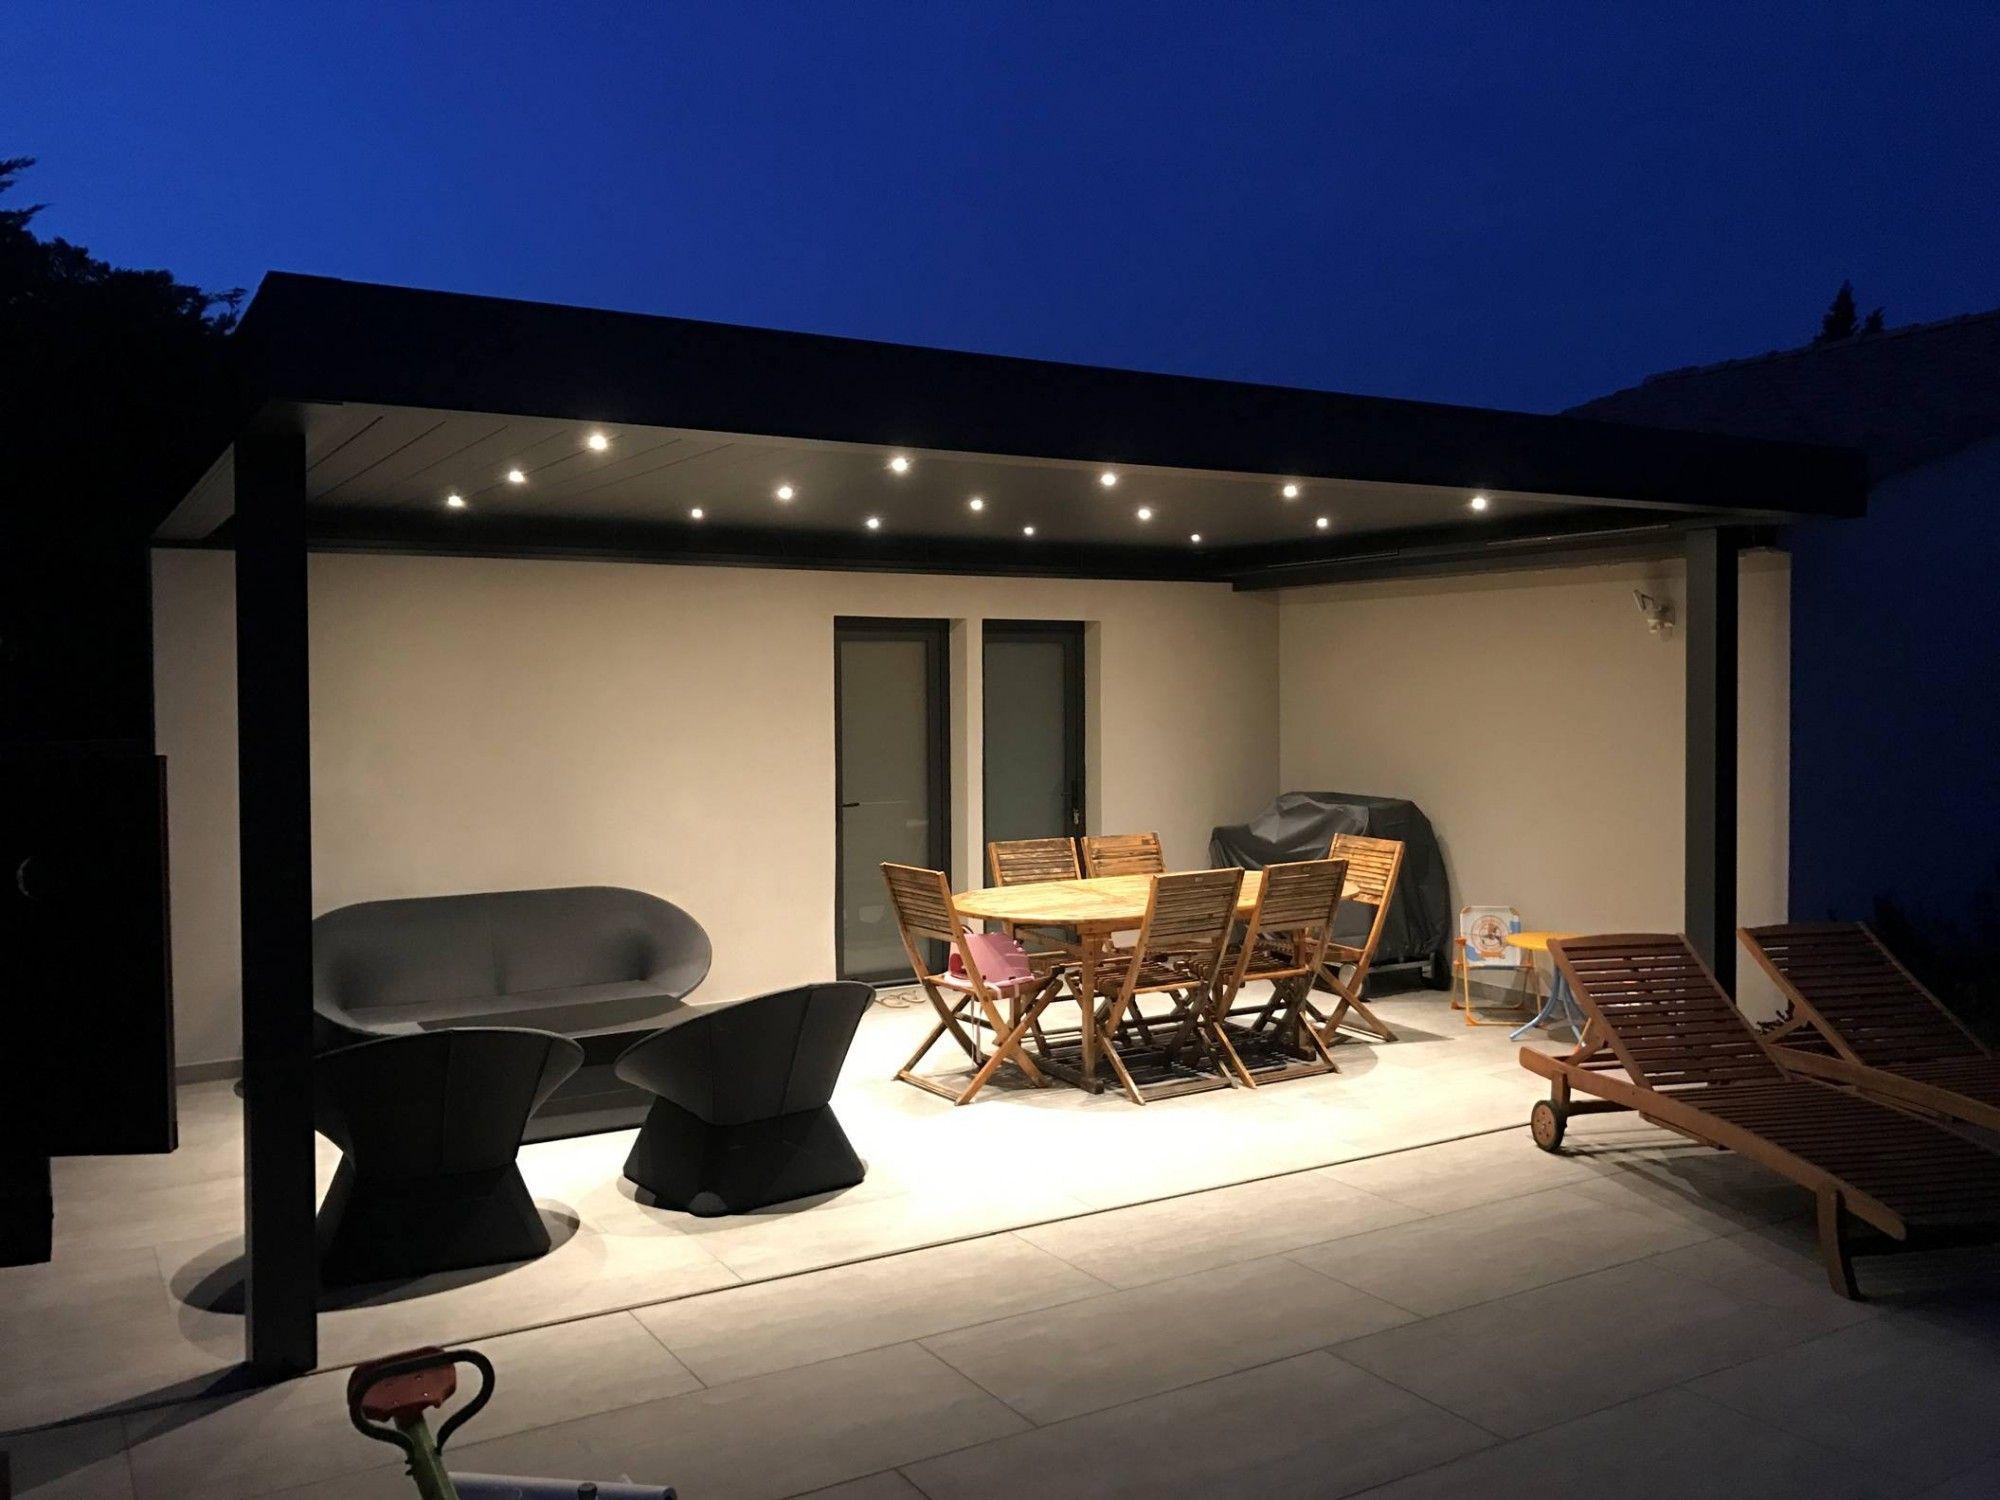 ampoule-led-maison